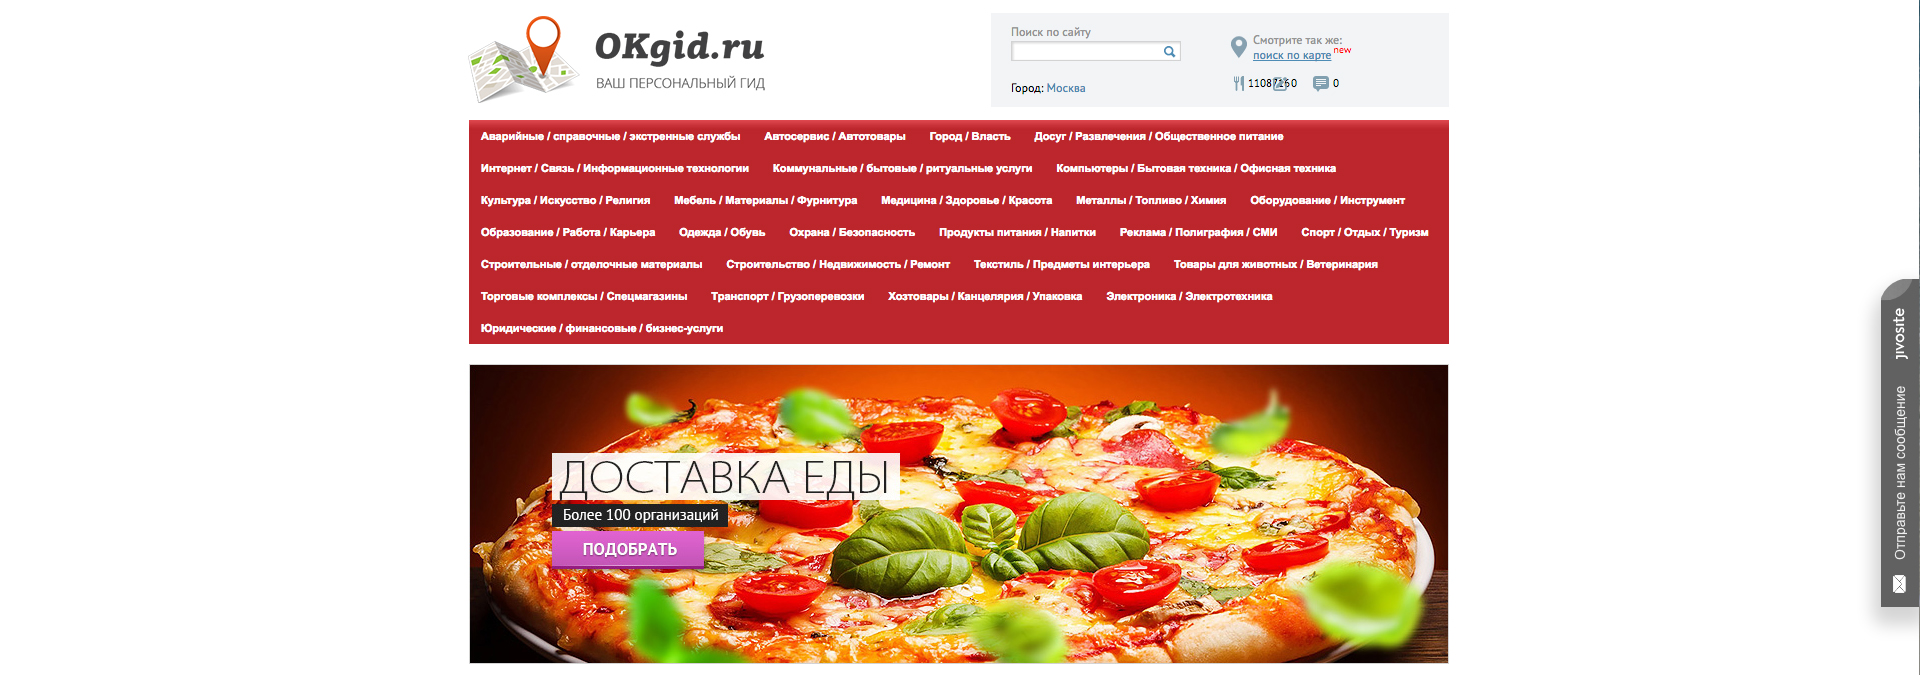 Логотип для сайта OKgid.ru фото f_63757d25cc177970.jpg